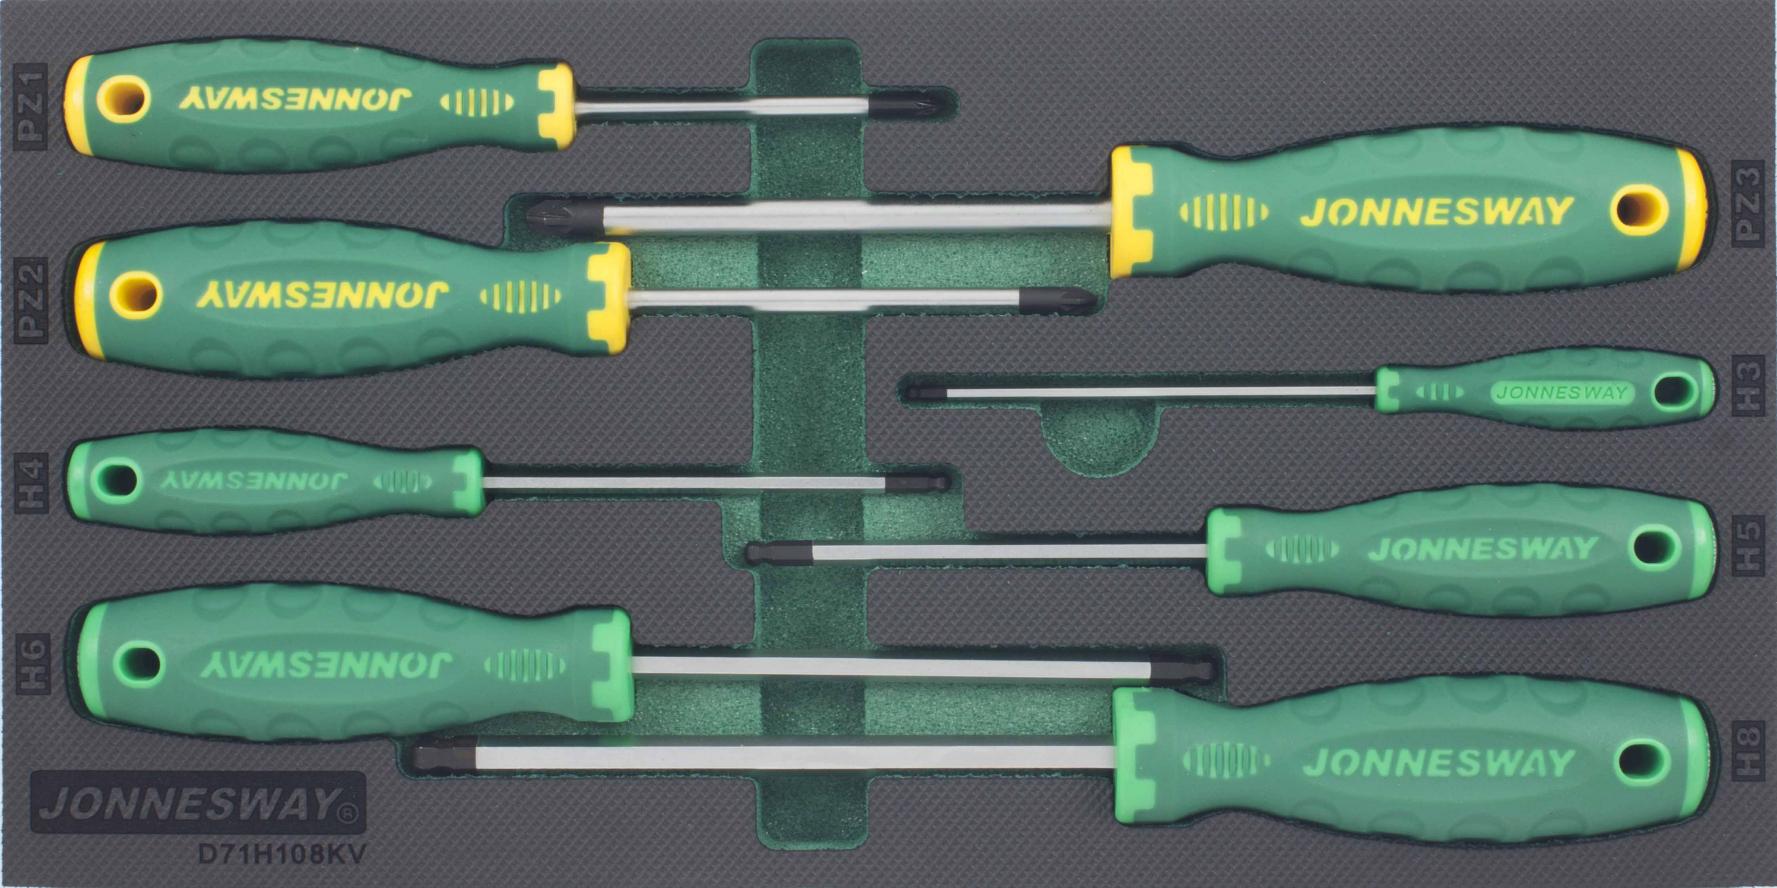 Modul pěnový - šroubováky křížové POZI a Imbus s kuličkou, sada 8 ks - JONNESWAY D71H108KV